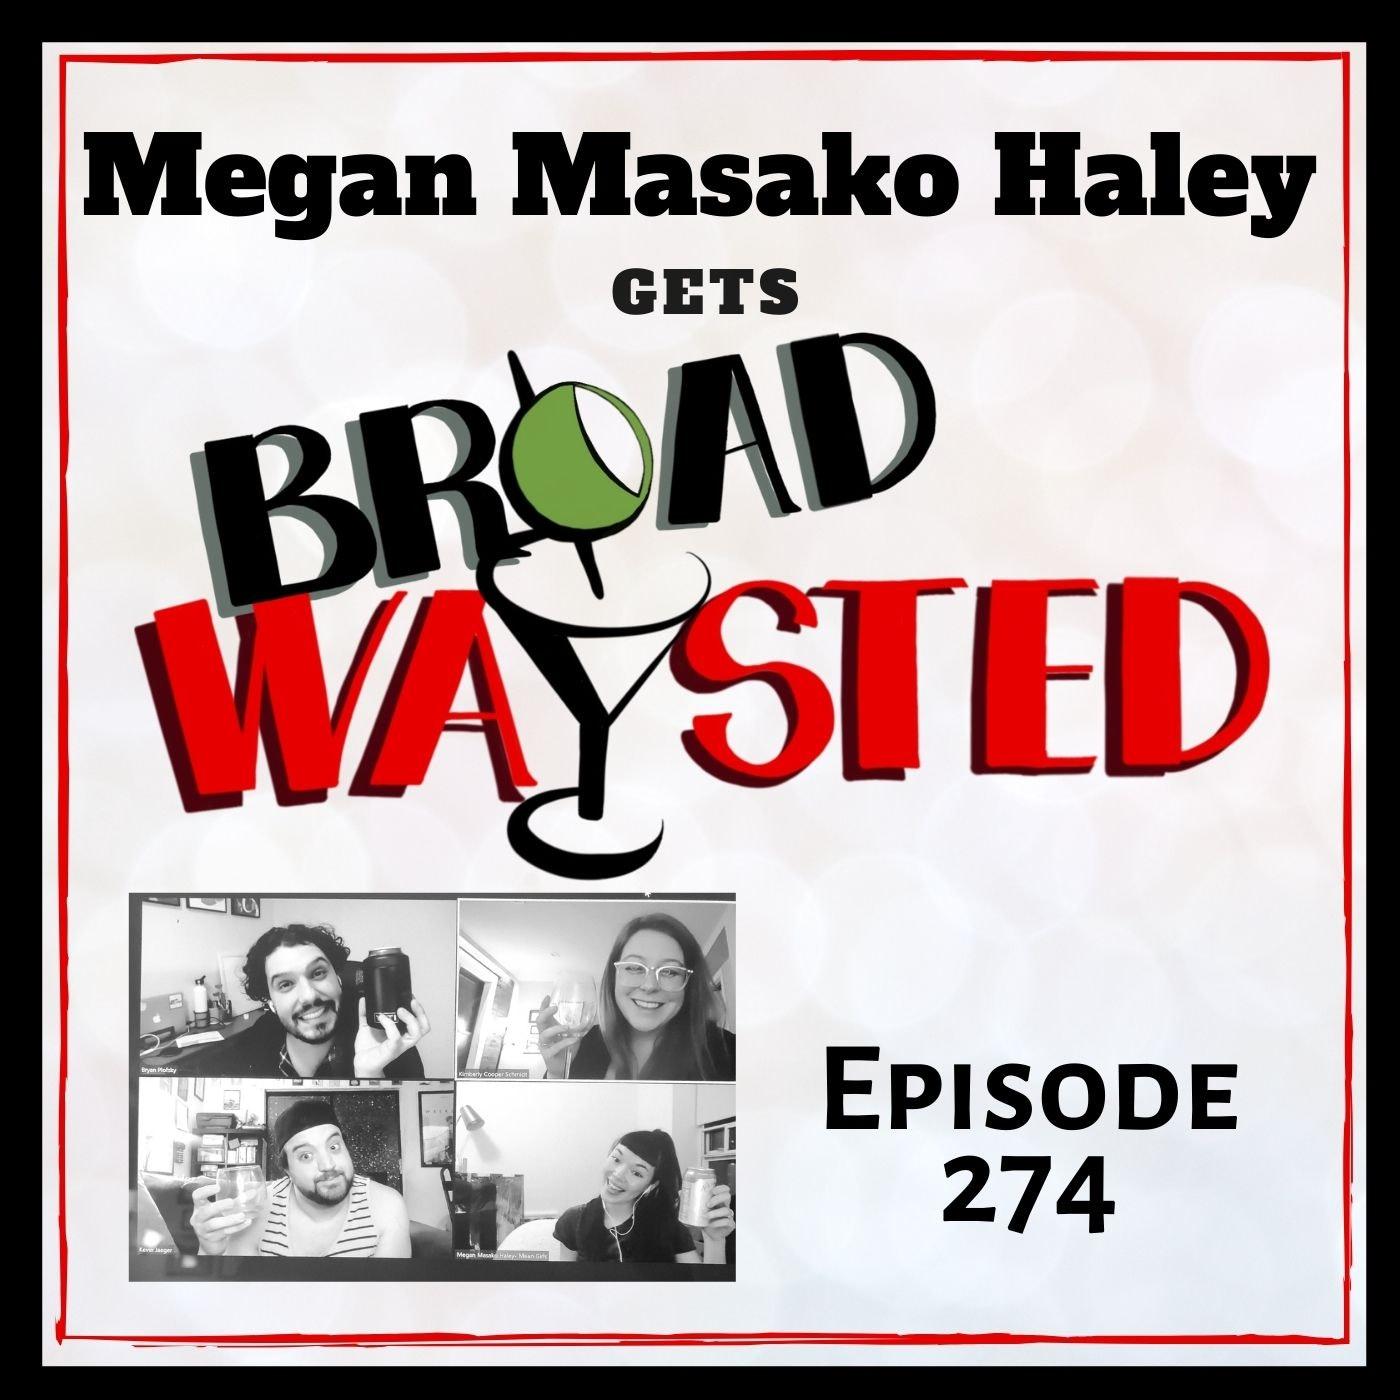 Episode 274: Megan Masako Haley gets Broadwaysted!